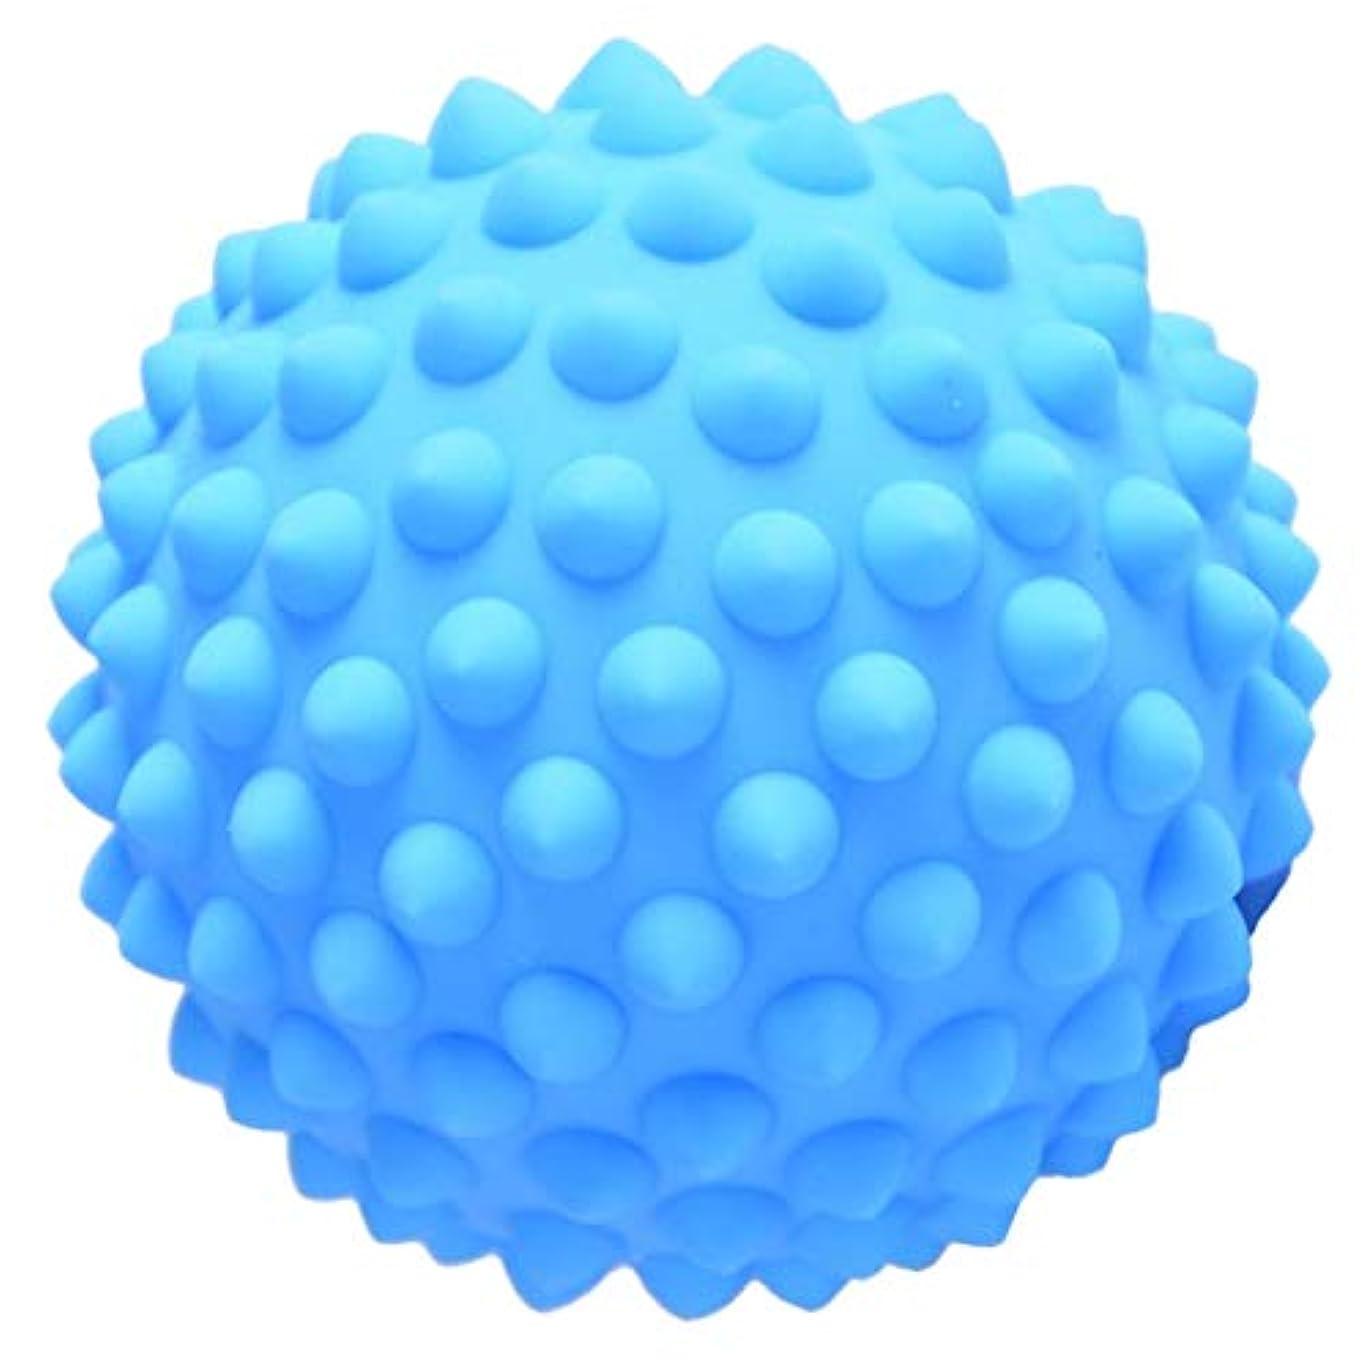 れる成人期最適Perfeclan ハードマッサージ マッサージボール ハード トリガーマッサージ ポインマッサージ 3色選べ - 青, 説明のとおり